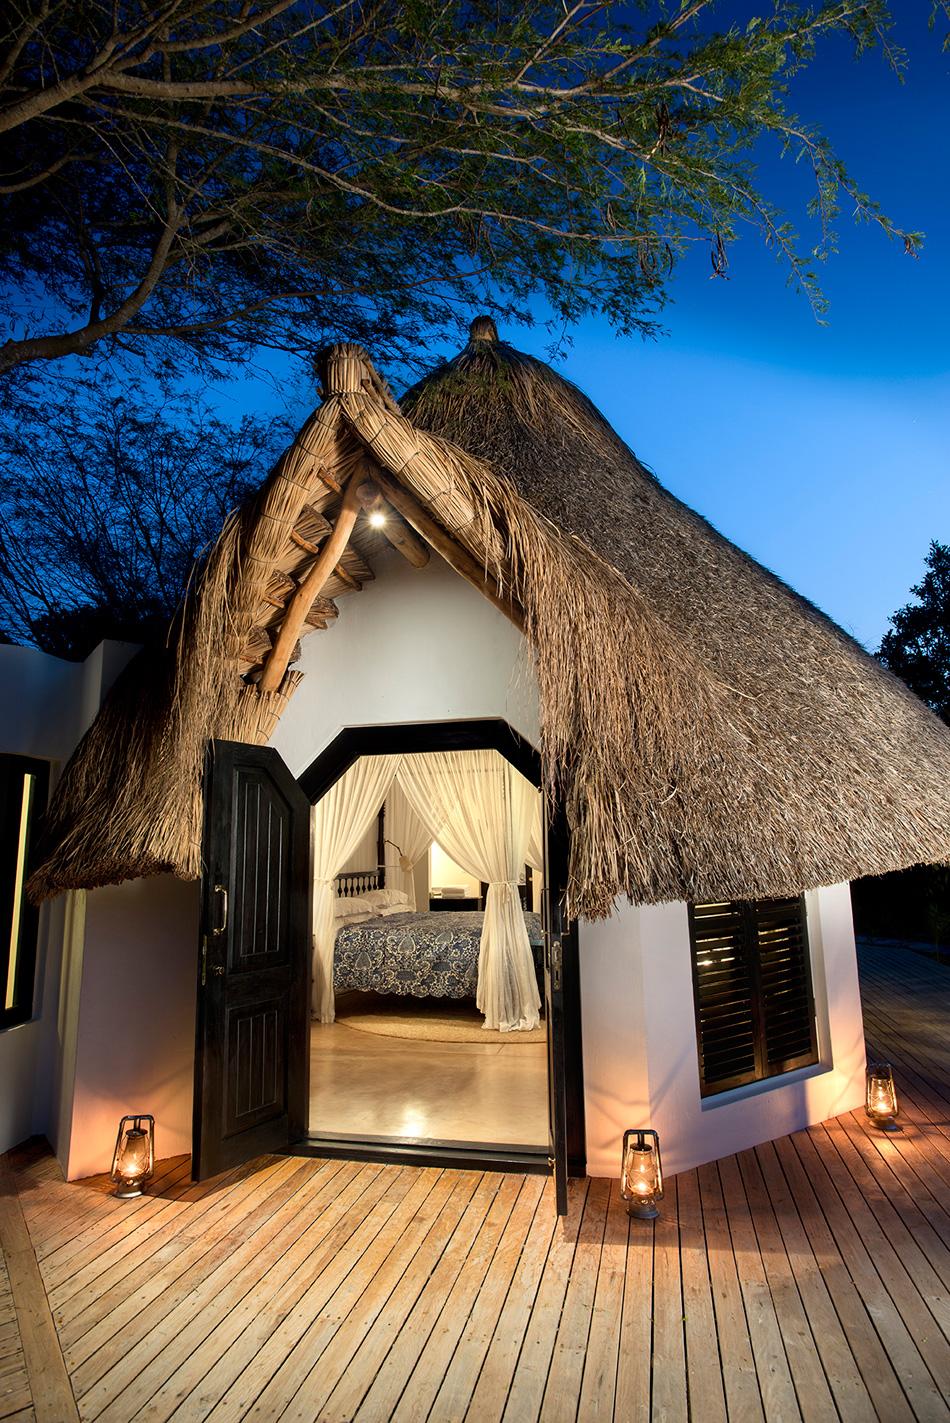 michaelis-boyd-benguerra-lodge-mozambique-011